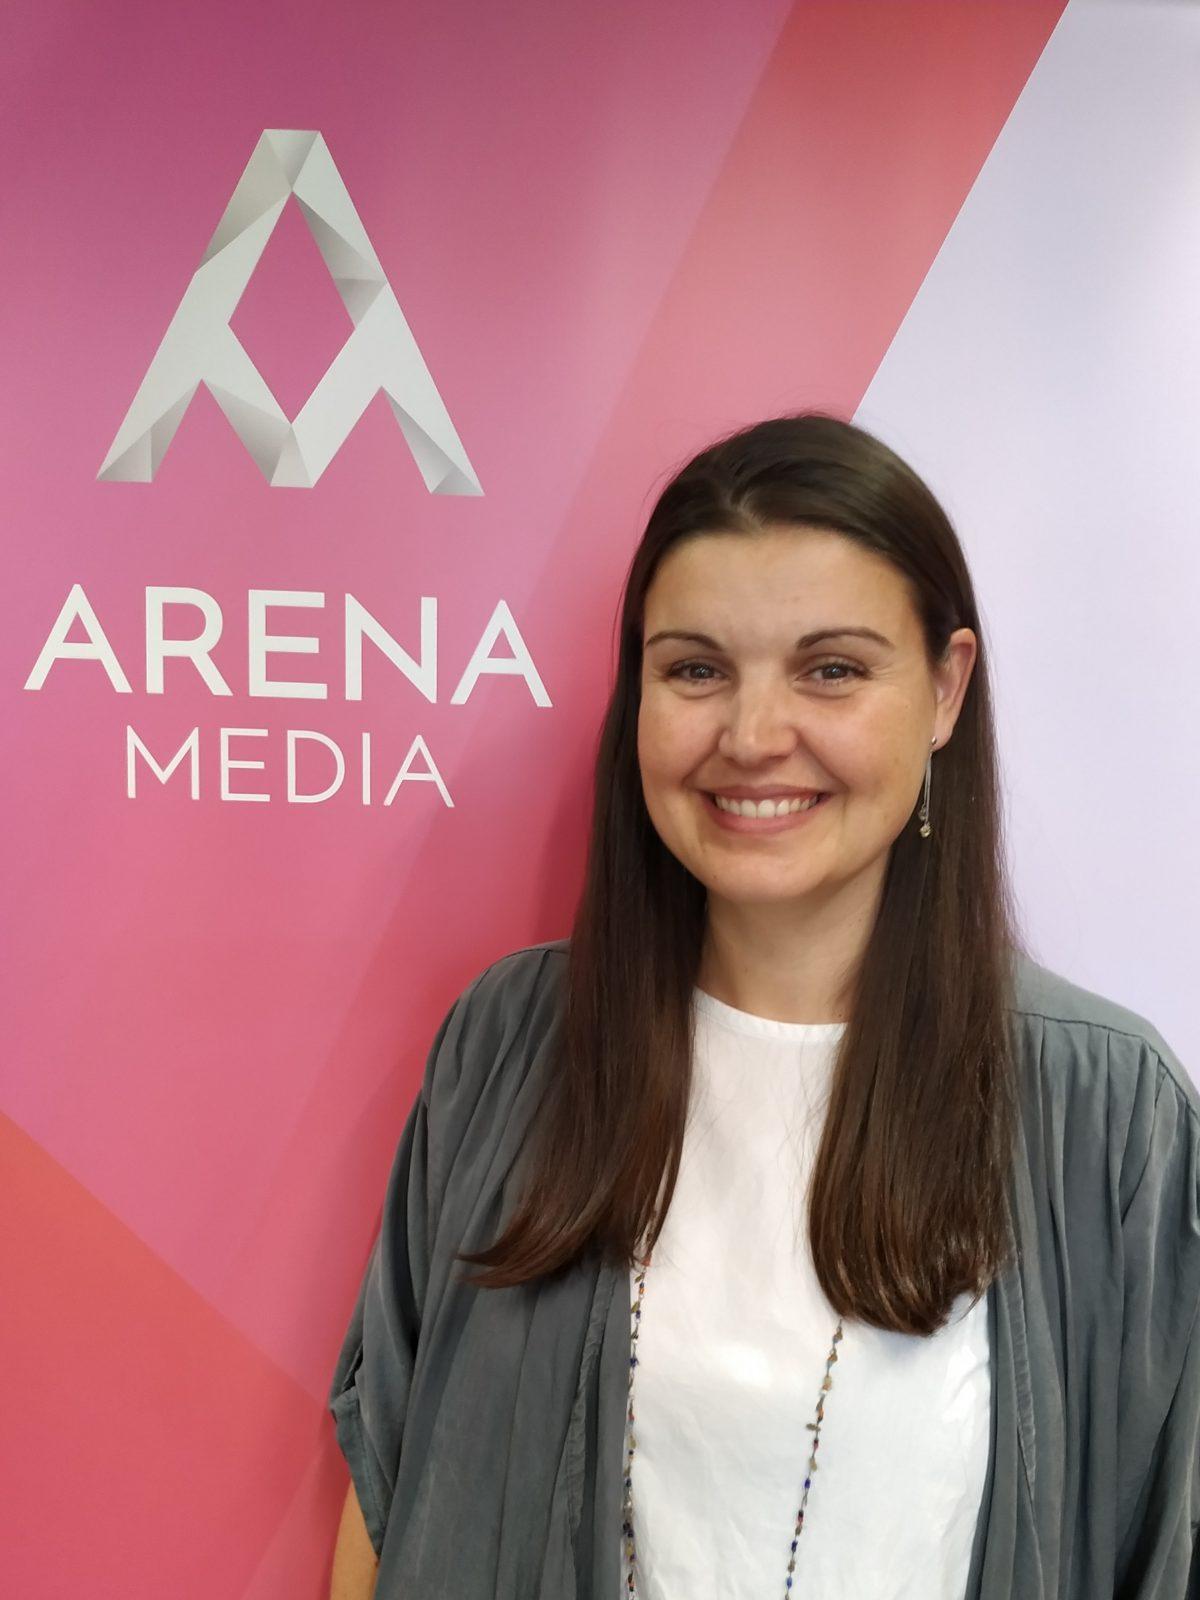 Arena Media Barcelona hace una firme apuesta por reforzar la capacidad estratégica del área de negociación con la incorporación de Noemí Blázquez